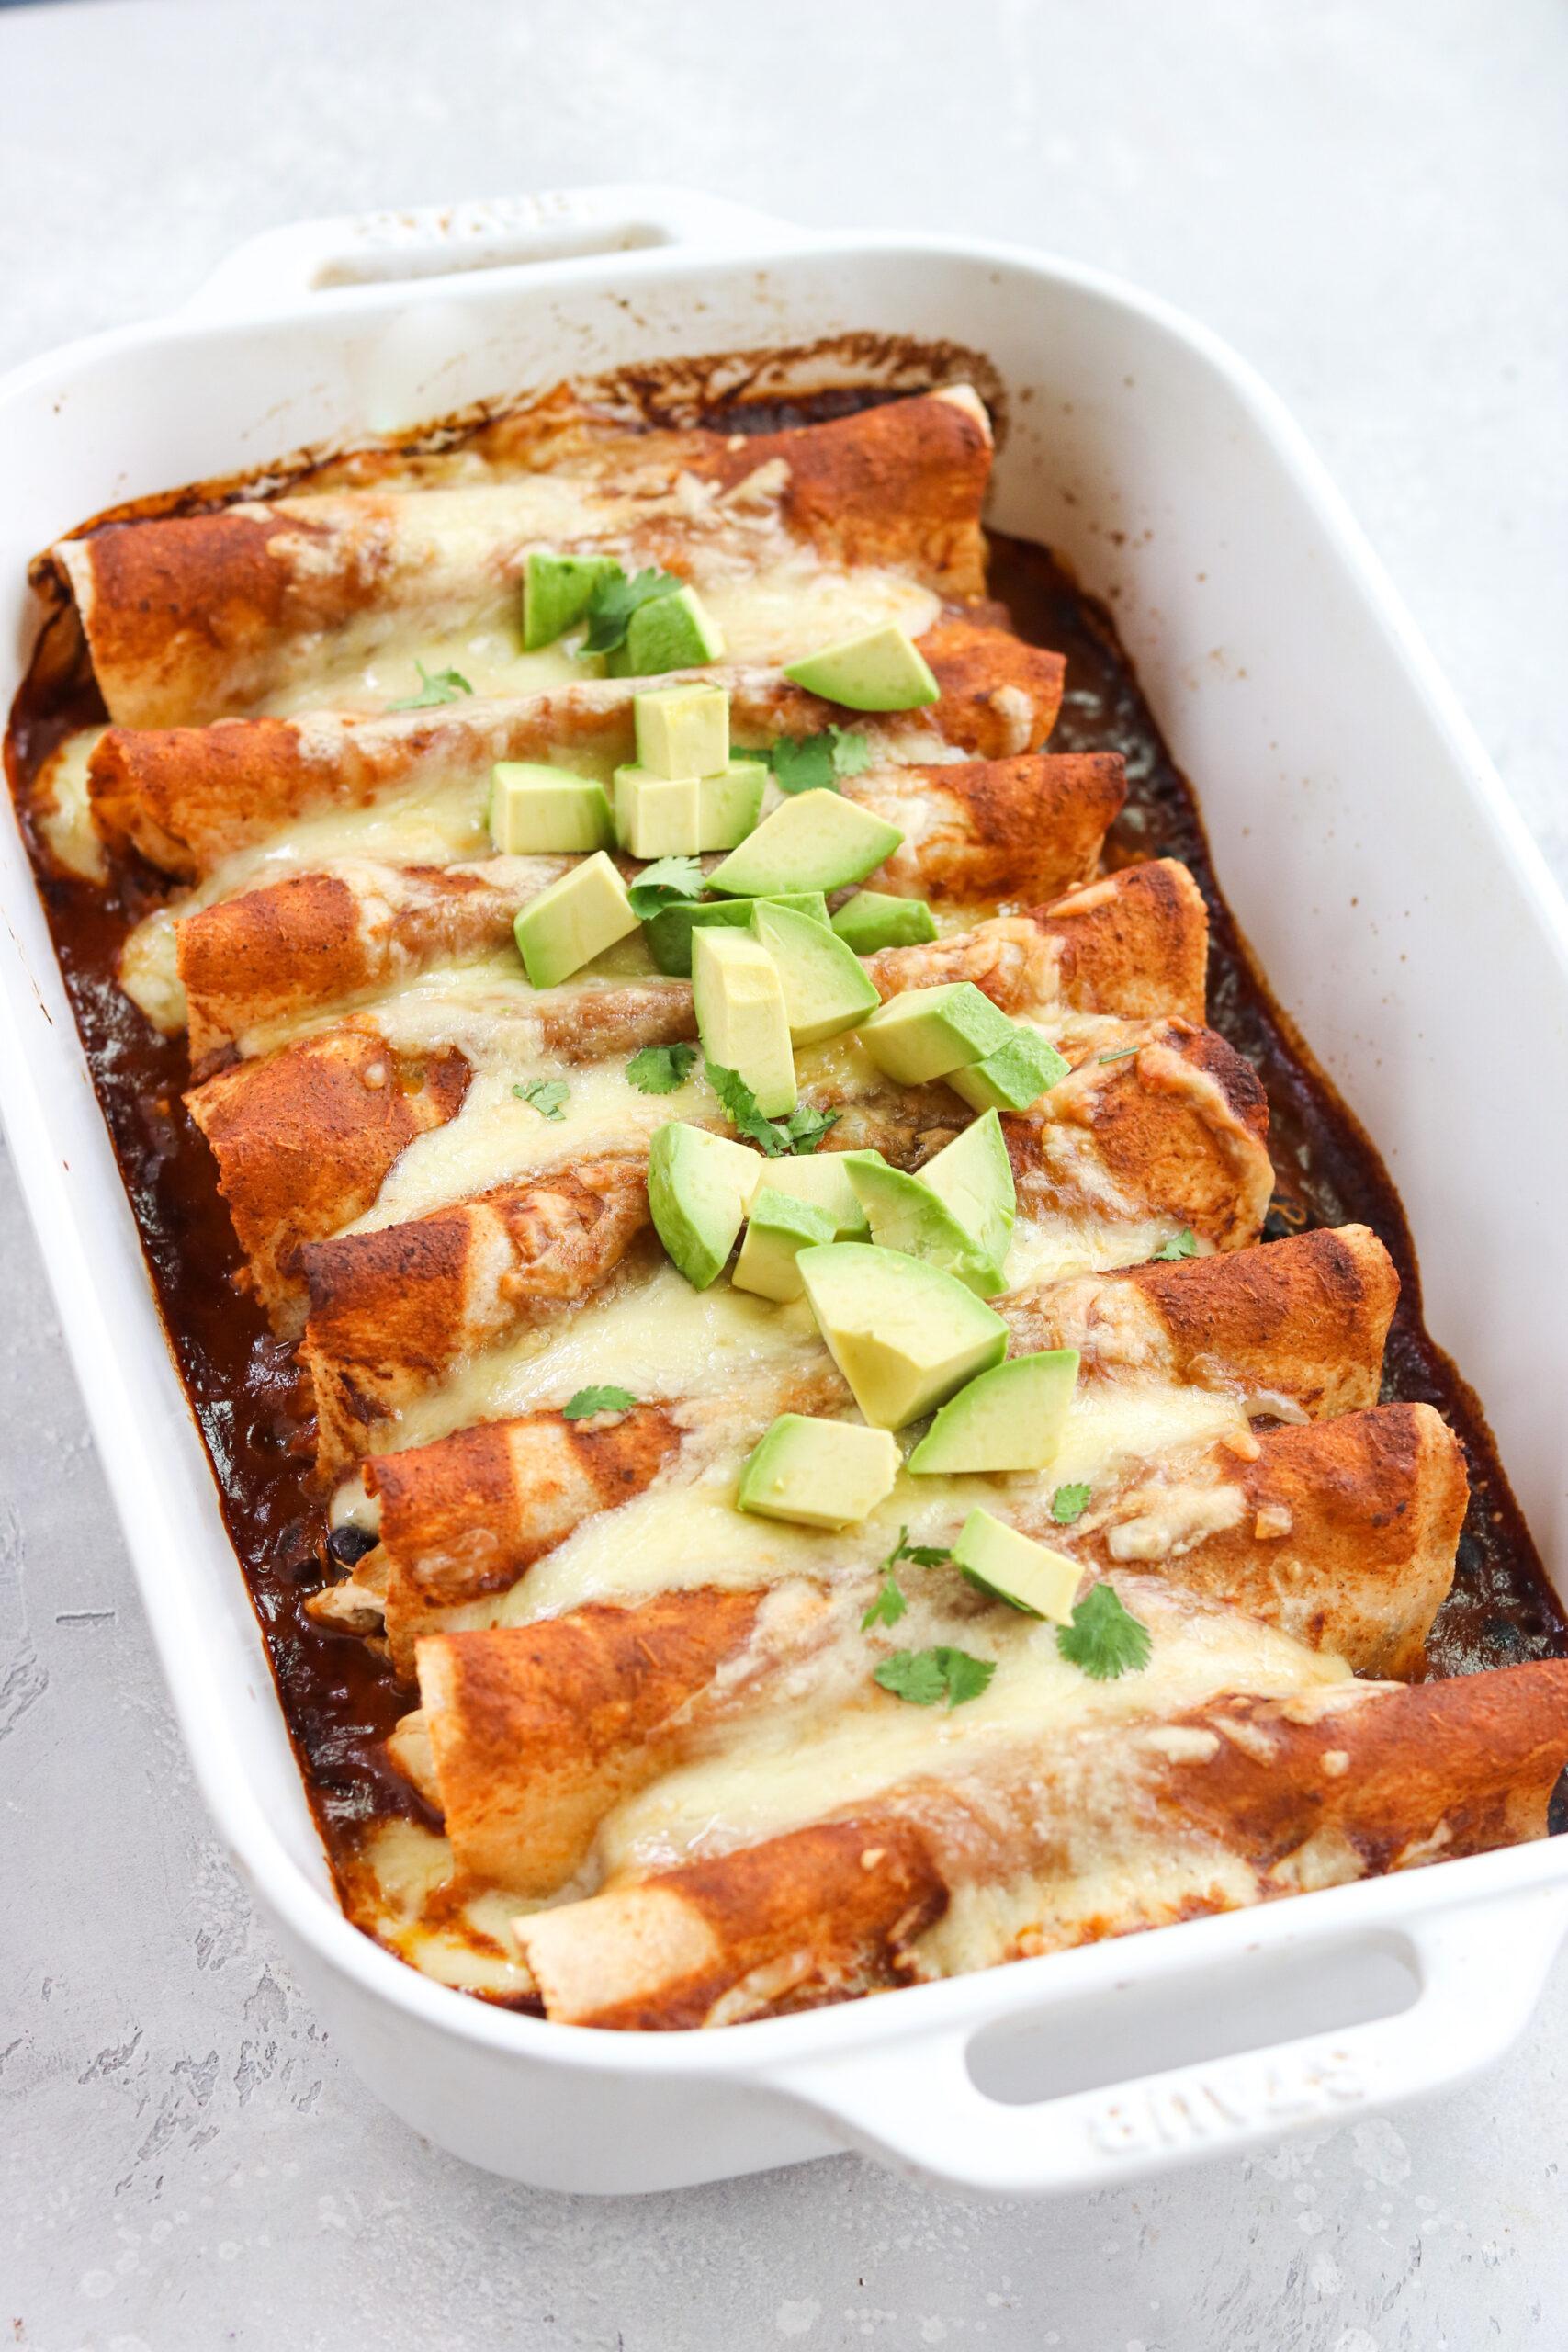 top view of a chicken enchiladas